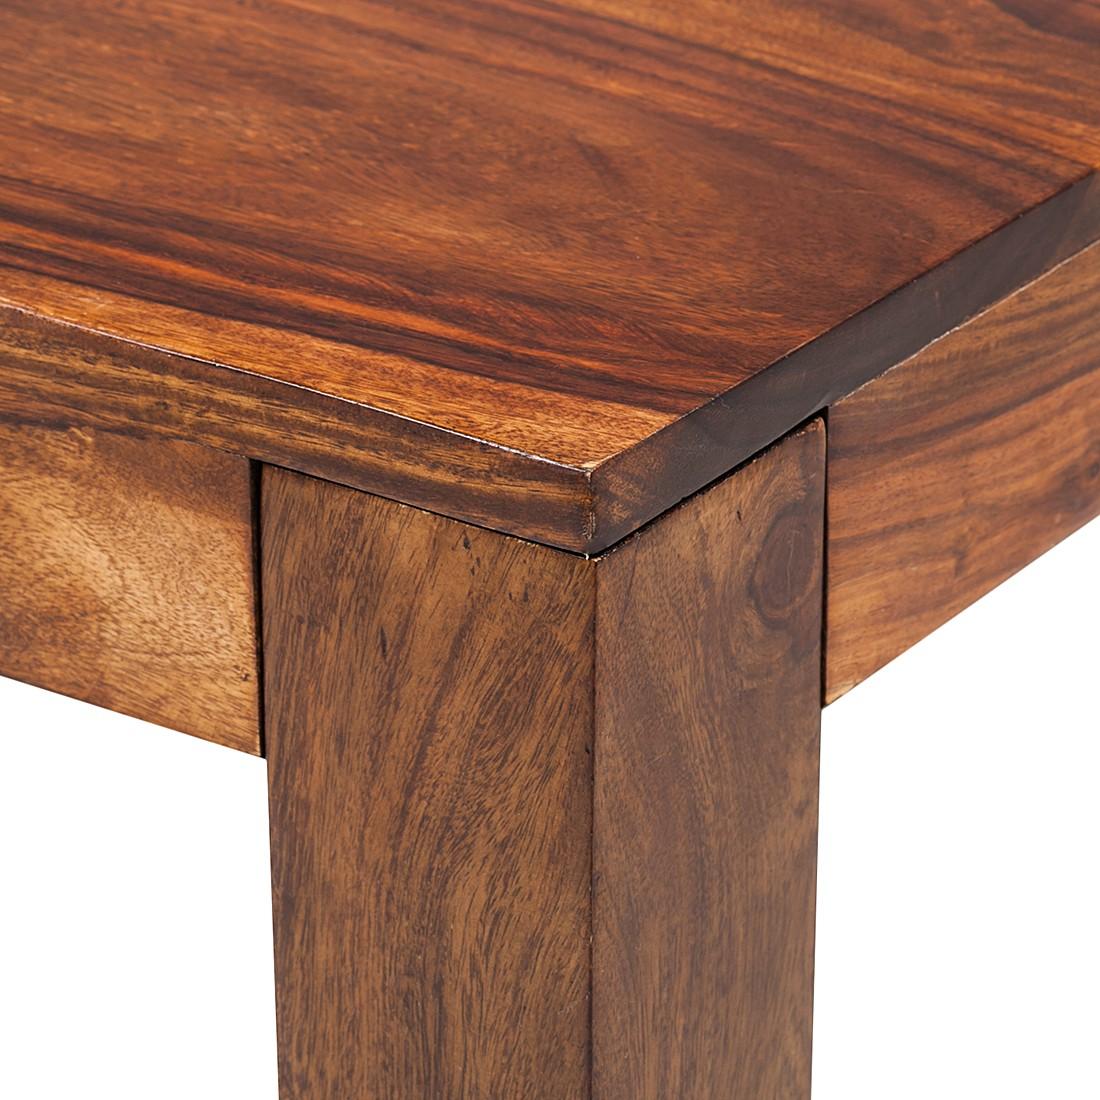 ars natura couchtisch sheesham massiv honigfarben beistelltisch sofatisch ebay. Black Bedroom Furniture Sets. Home Design Ideas